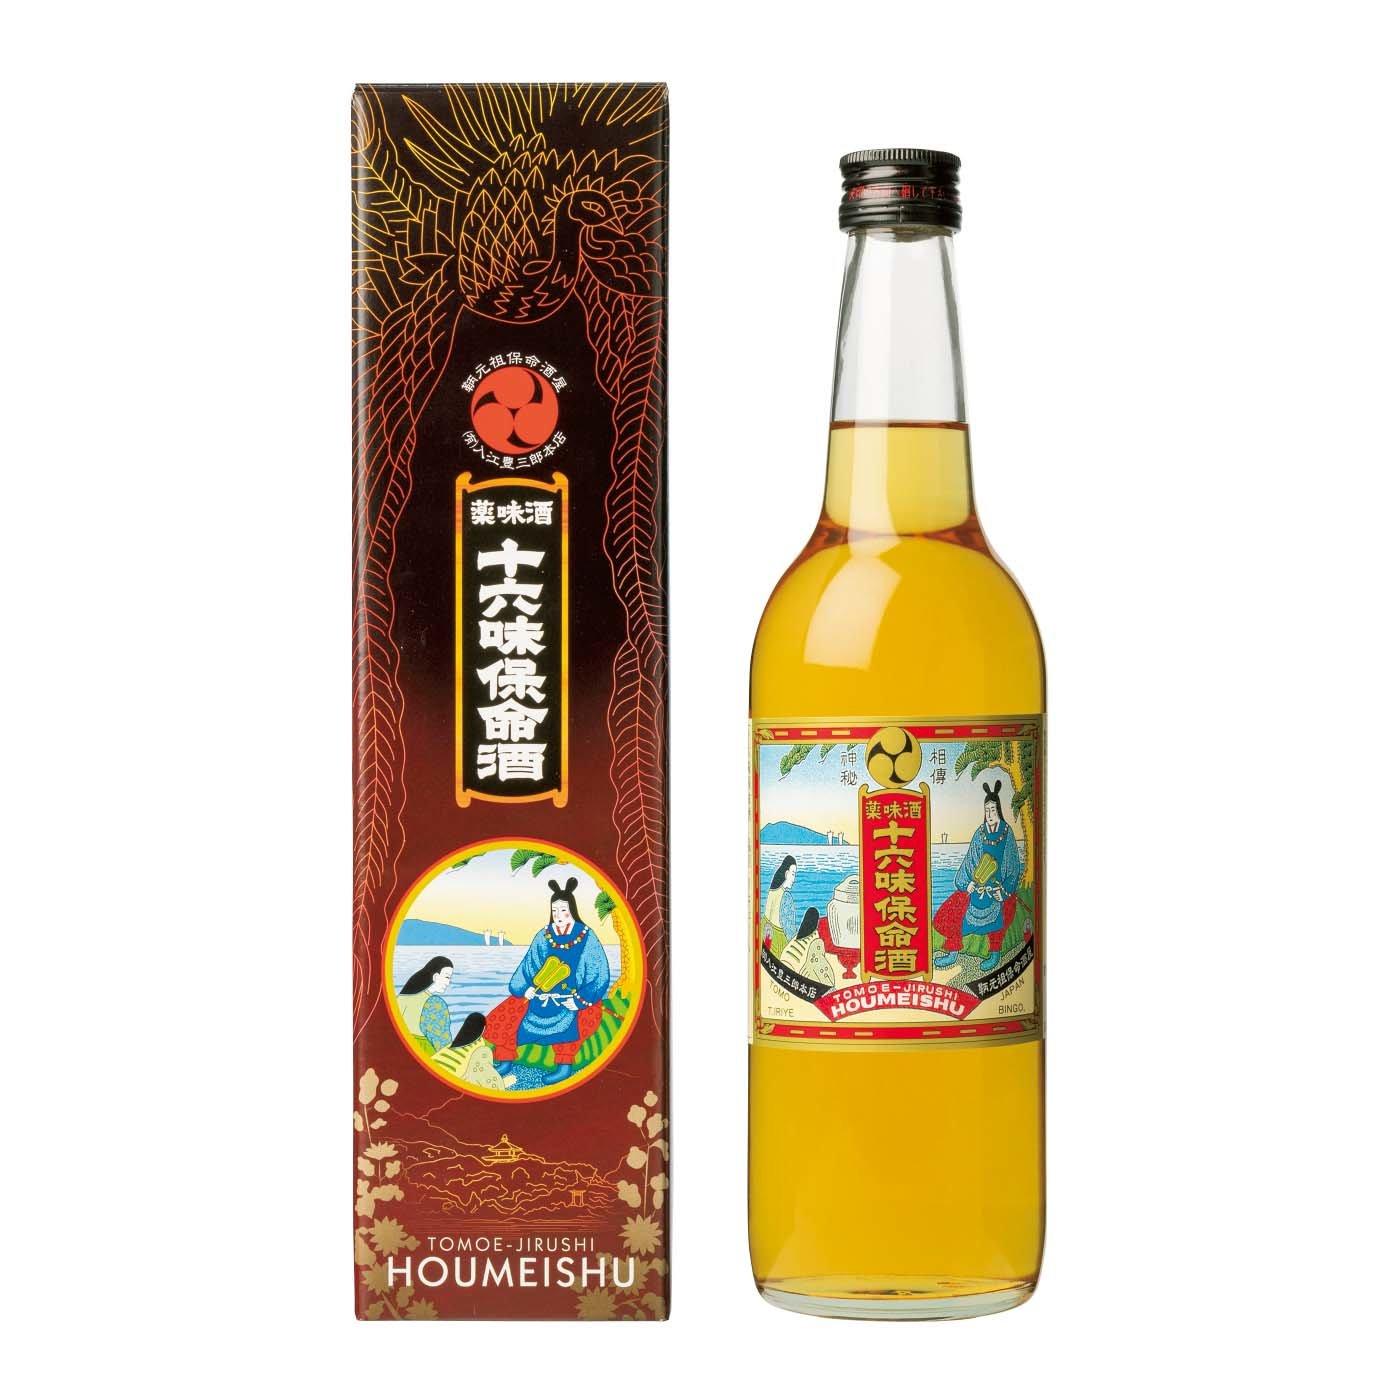 入江豊三郎本店十六味保命酒